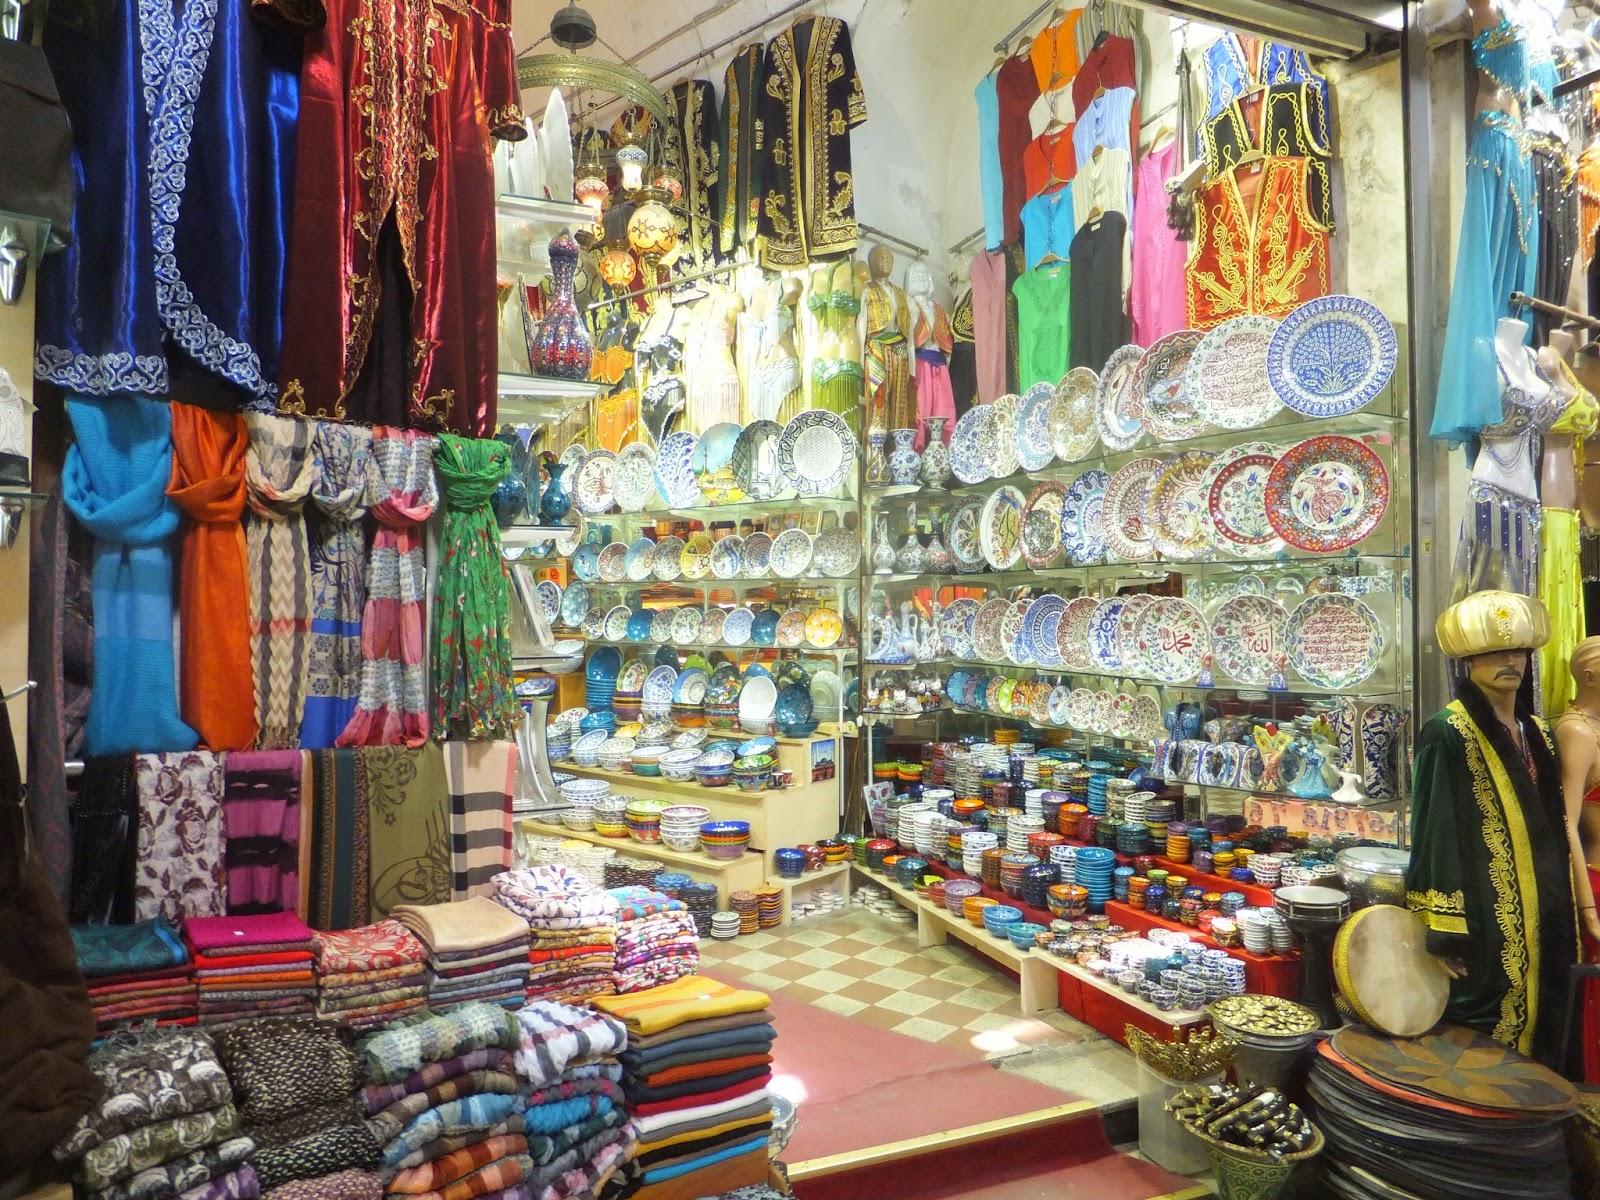 торговая лавка в Гранд базаре в Стамбуле